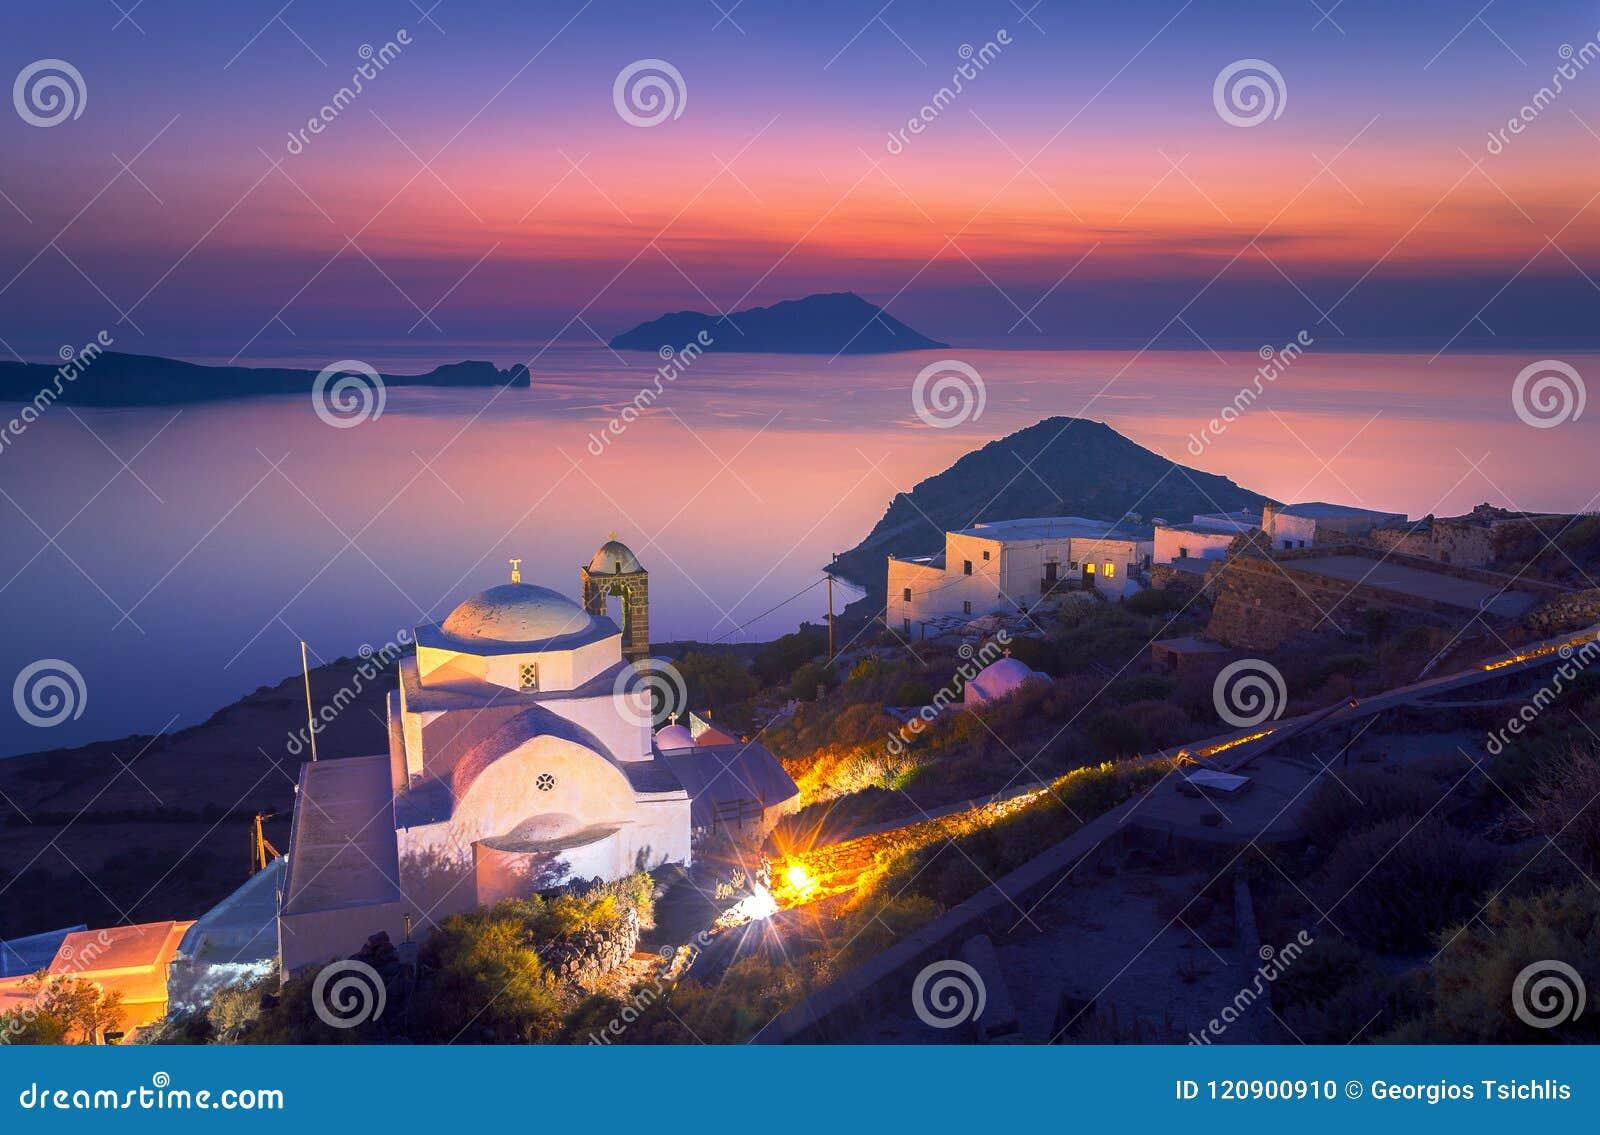 Panagia Thalassitra kyrka och Plaka bysikt på solnedgången, Milos ö, Cyclades